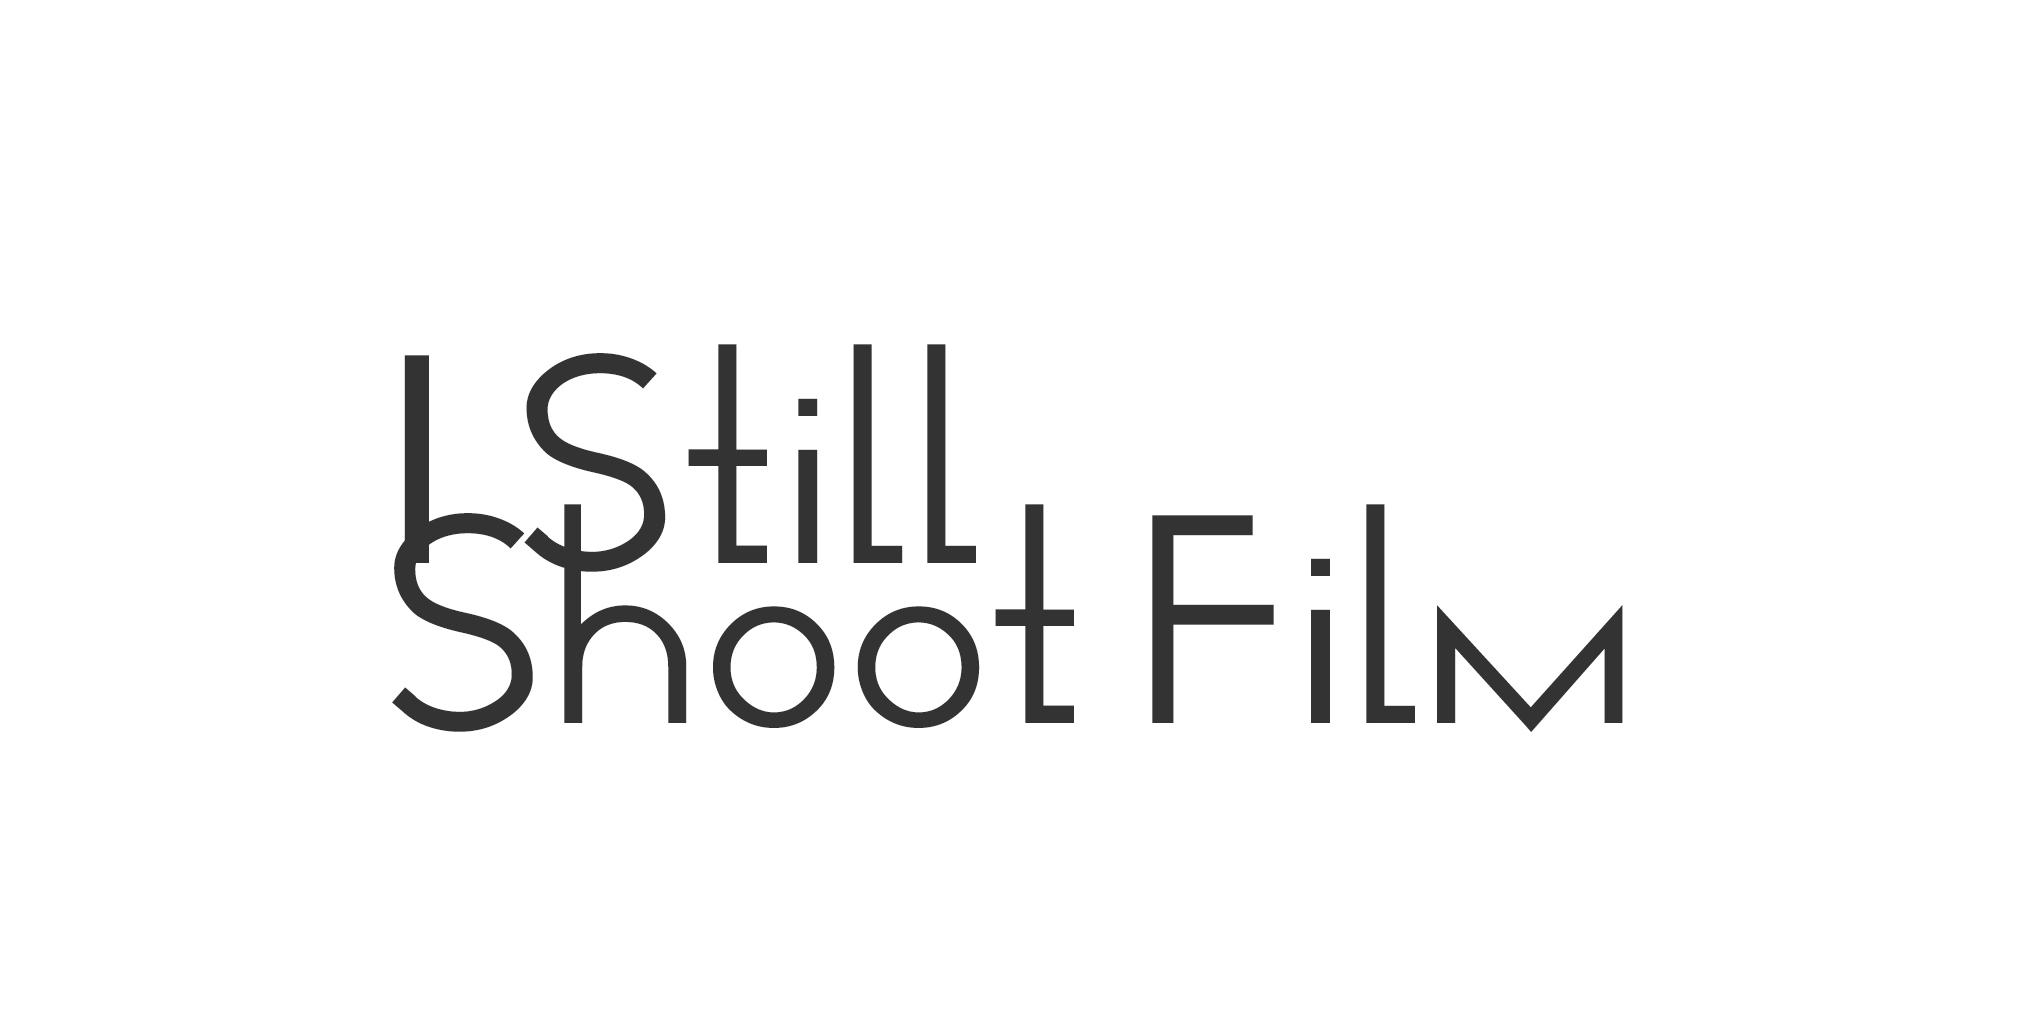 I STILL SHOOT FILM